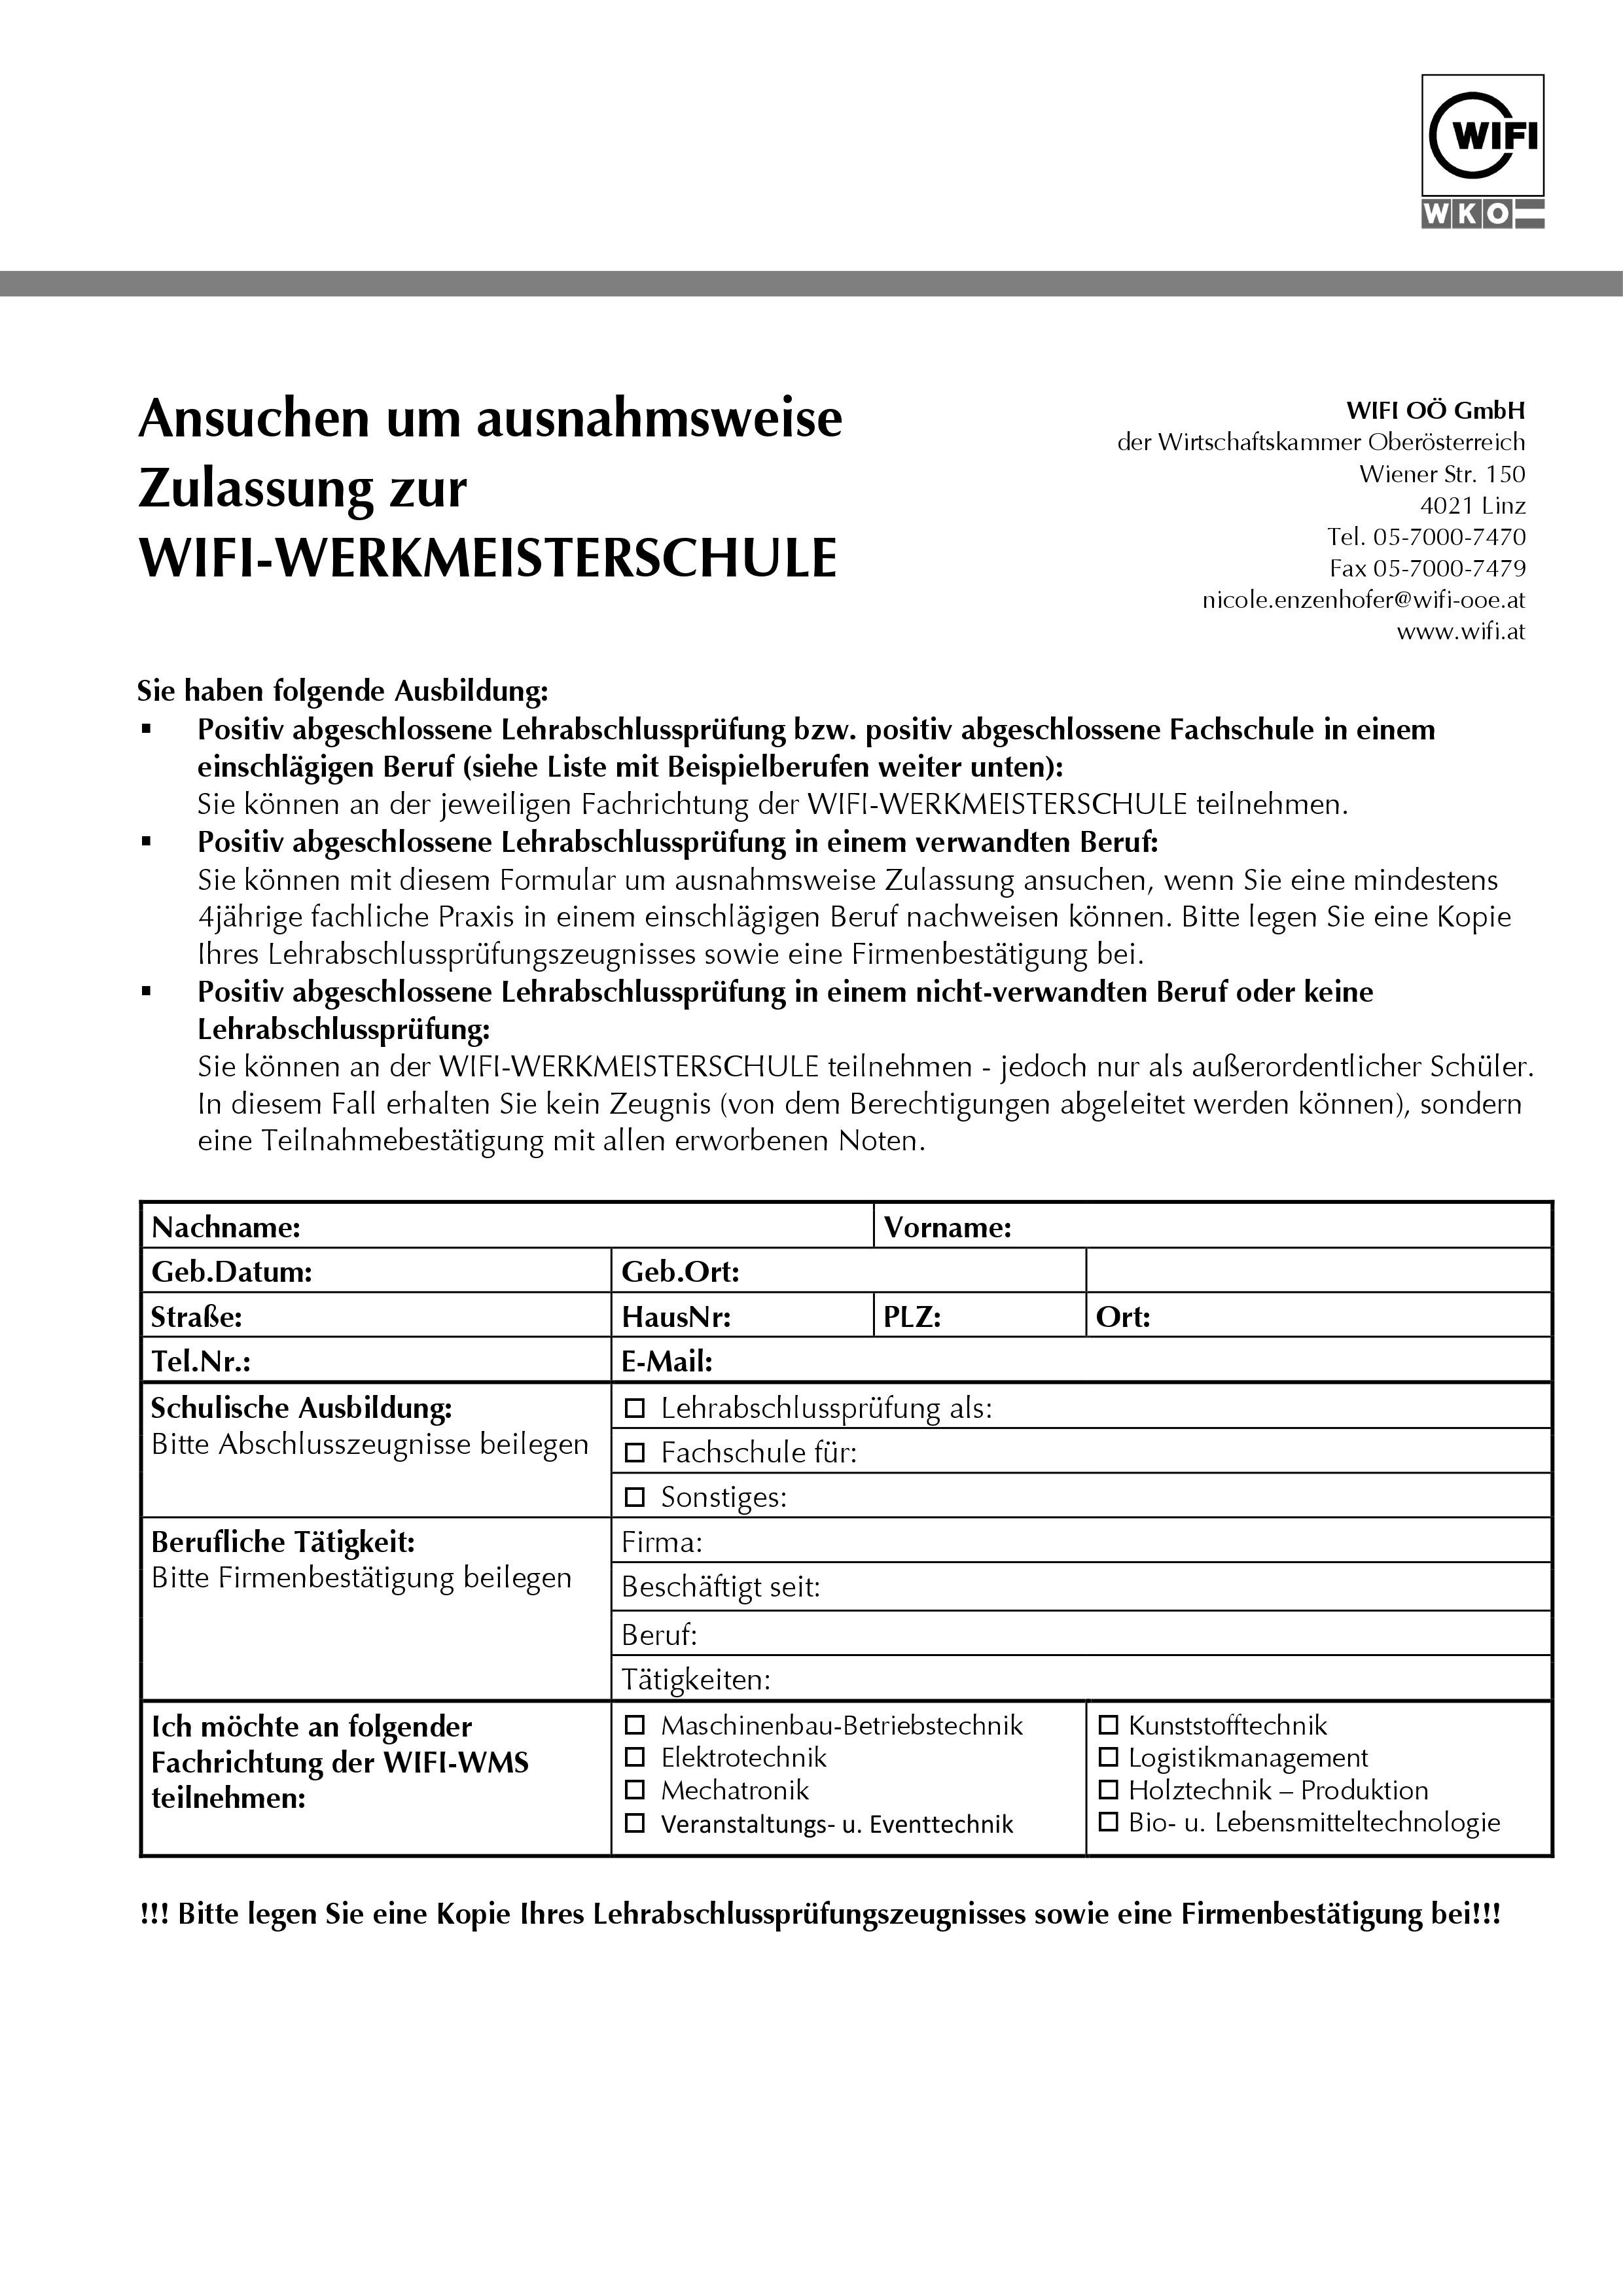 Folder WIFI Werkmeisterschule